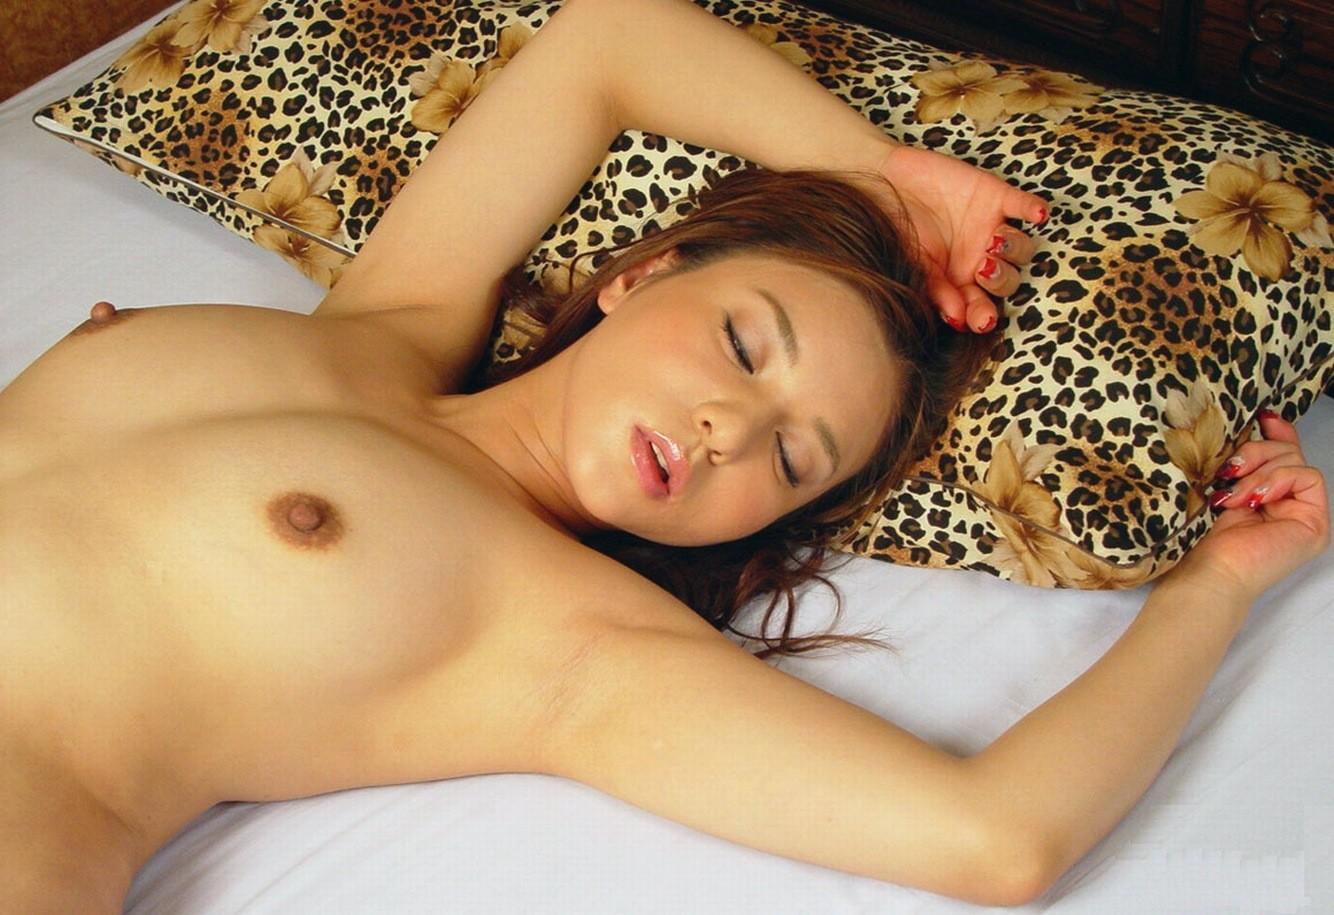 【腋フェチエロ画像】揉みながら舐めるのが最適w美女のおっぱいと生腋www 05